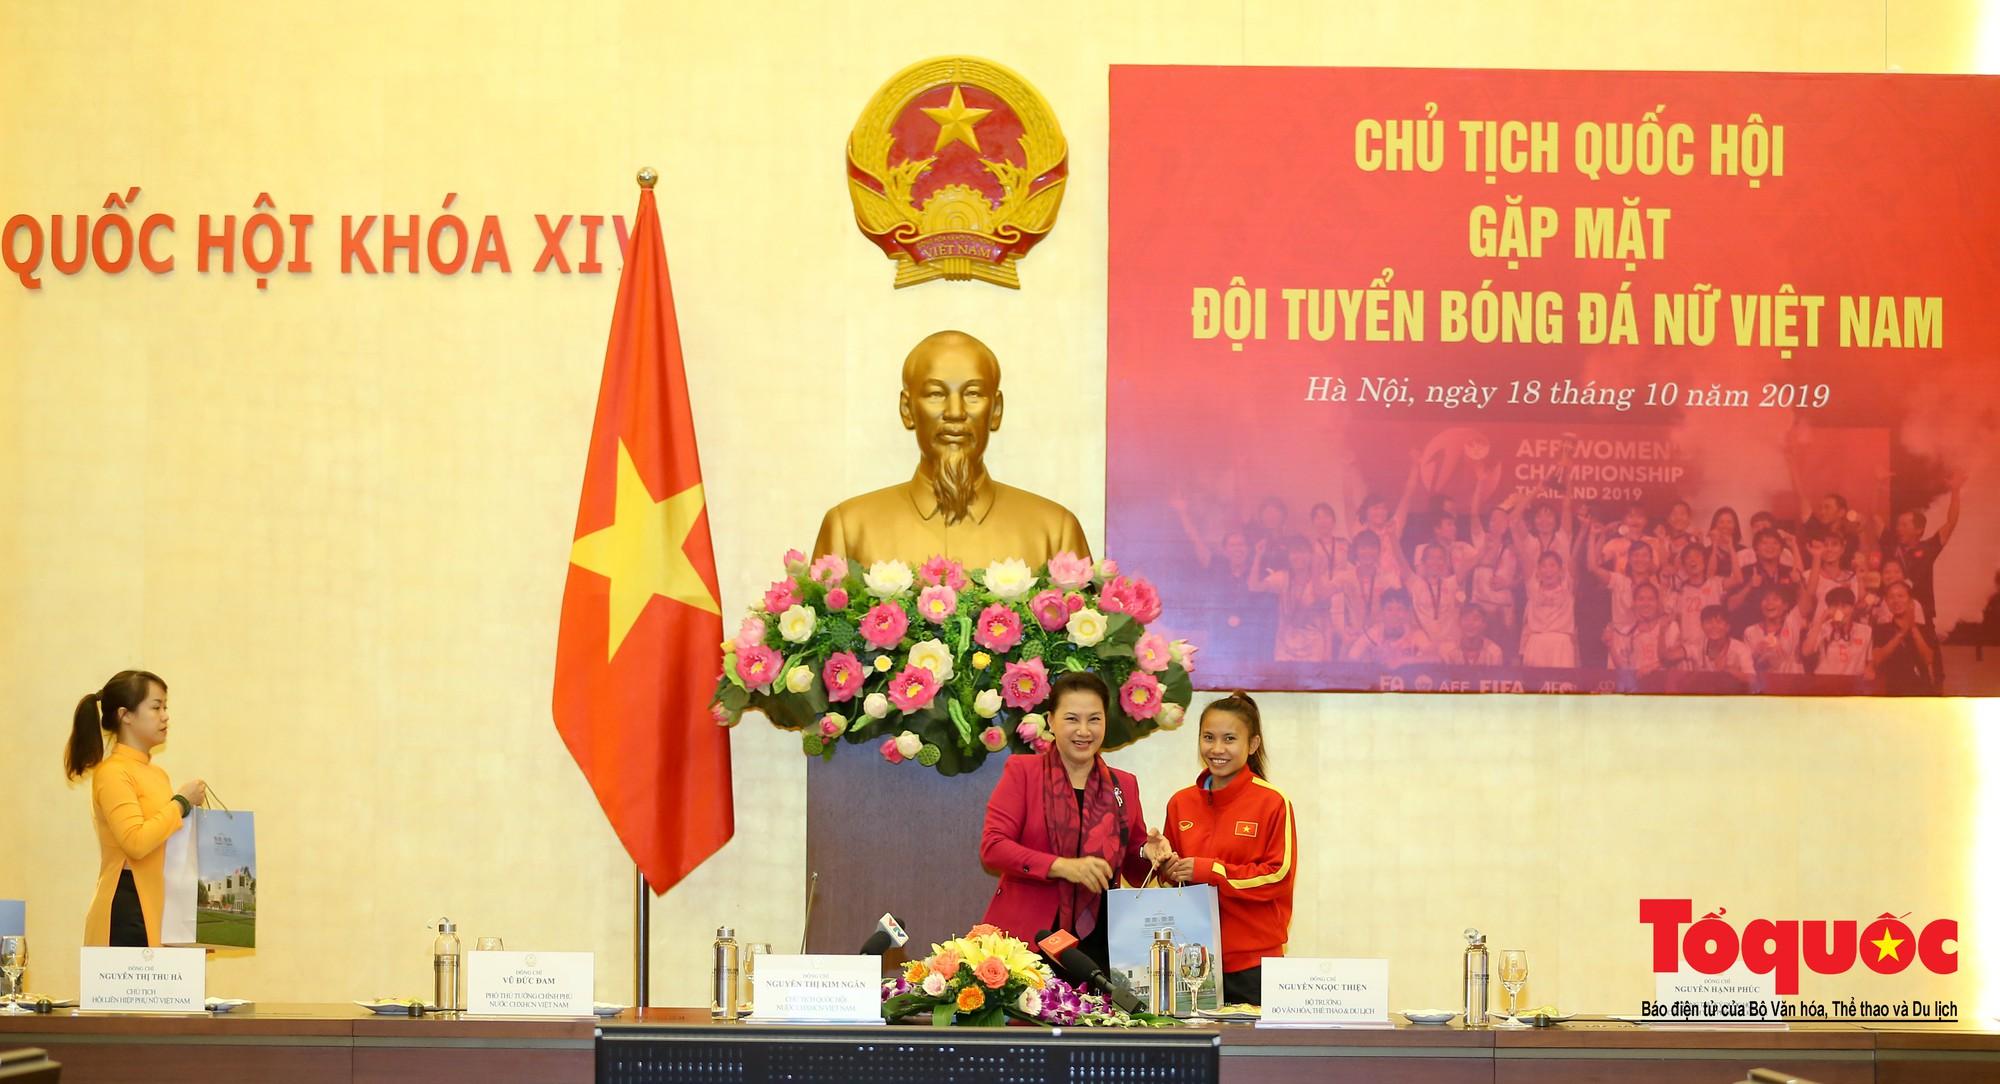 Chủ tịch Quốc hội Nguyễn Thị Kim Ngân: Bóng đá nam nhìn thành tích bóng đá nữ còn phải mơ ước dài12